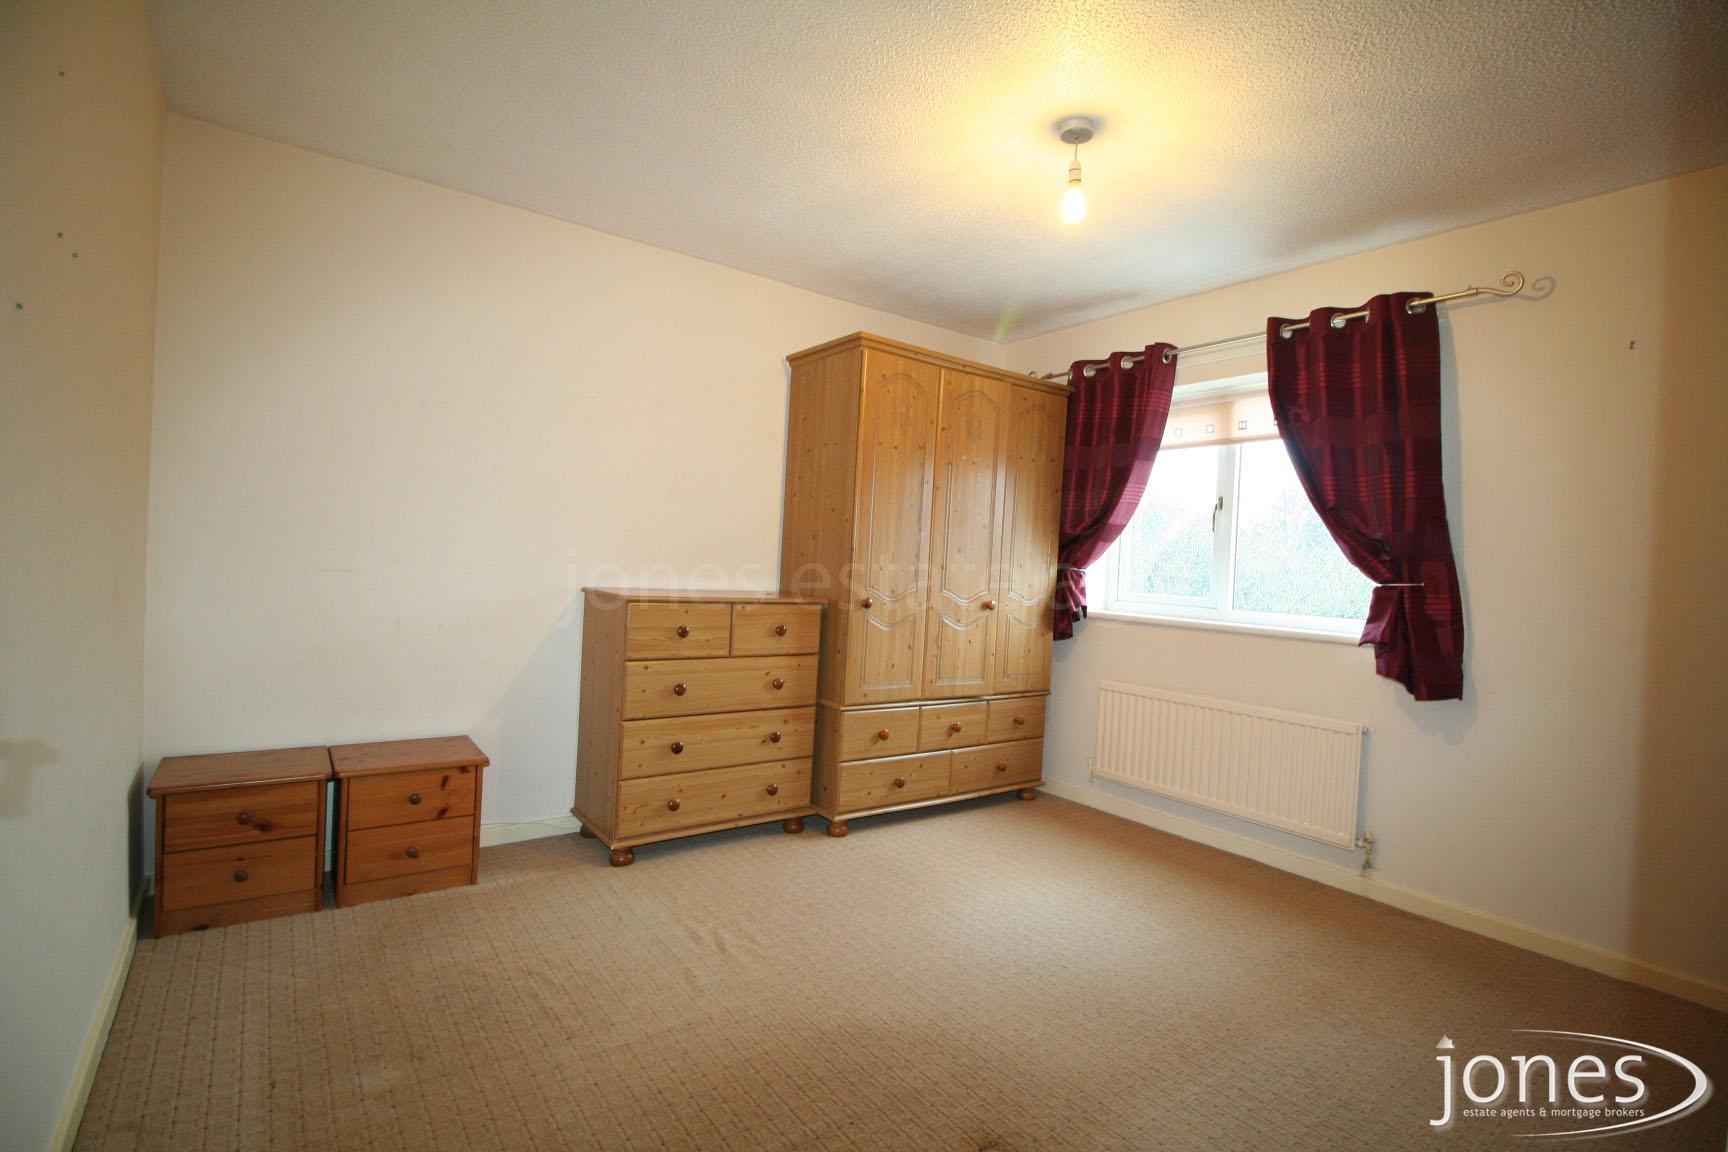 Home for Sale Let - Photo 06 Millington Close, Billingham, TS23 3FD